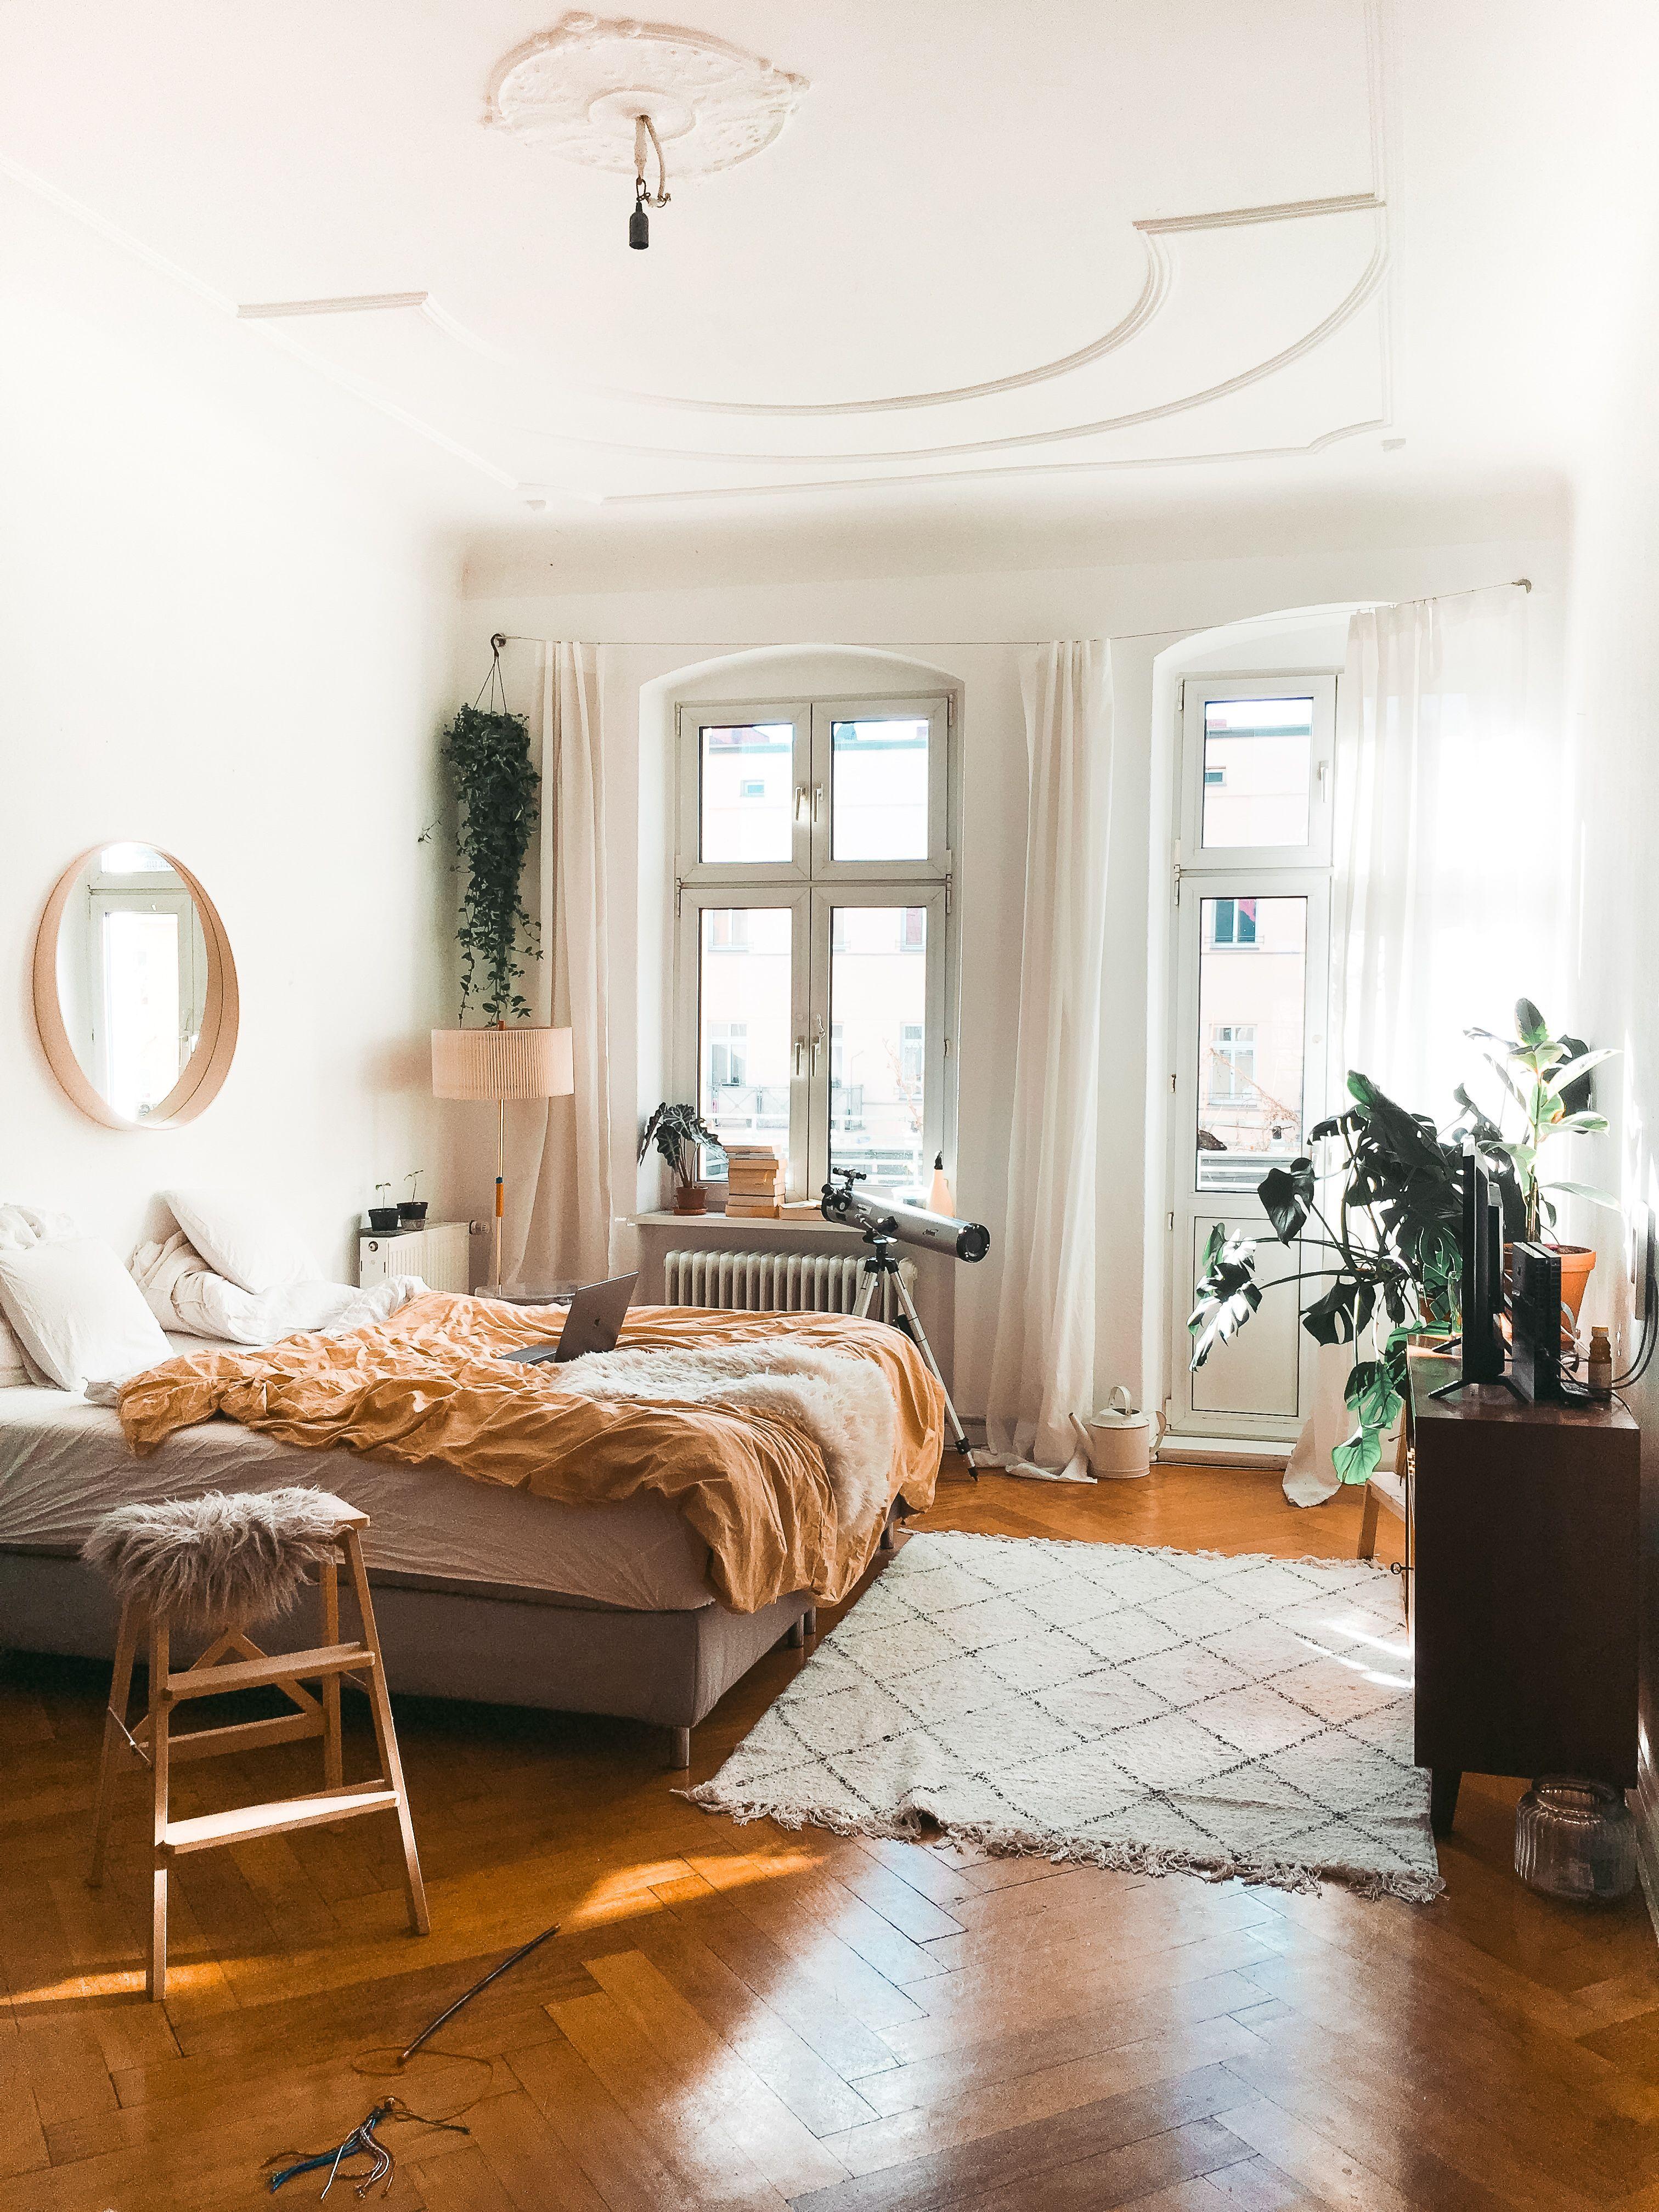 Vom Wohnzimmer Zum Schlafzimmer In Null Komma Nix Wohnung